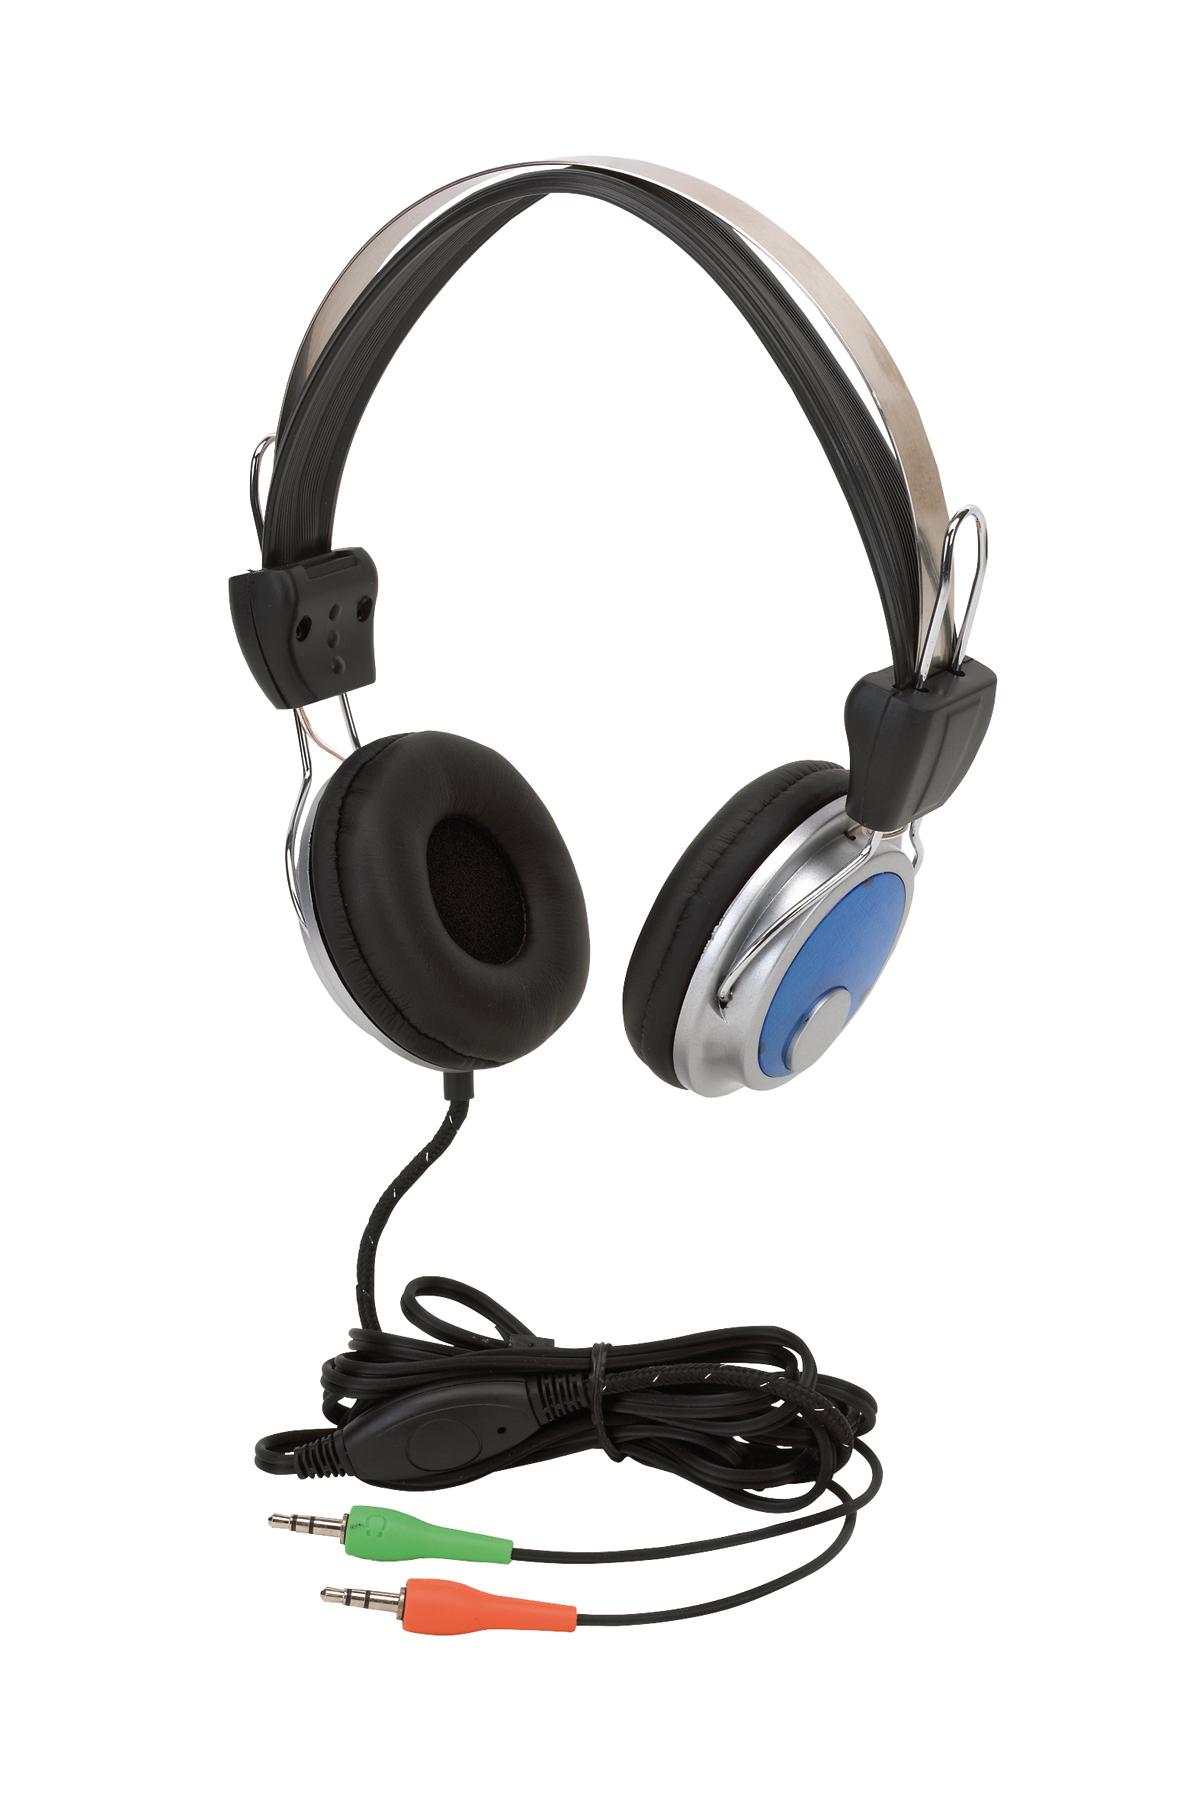 Zestaw słuchawkowy VIBORG, czarny, niebieski, srebrny